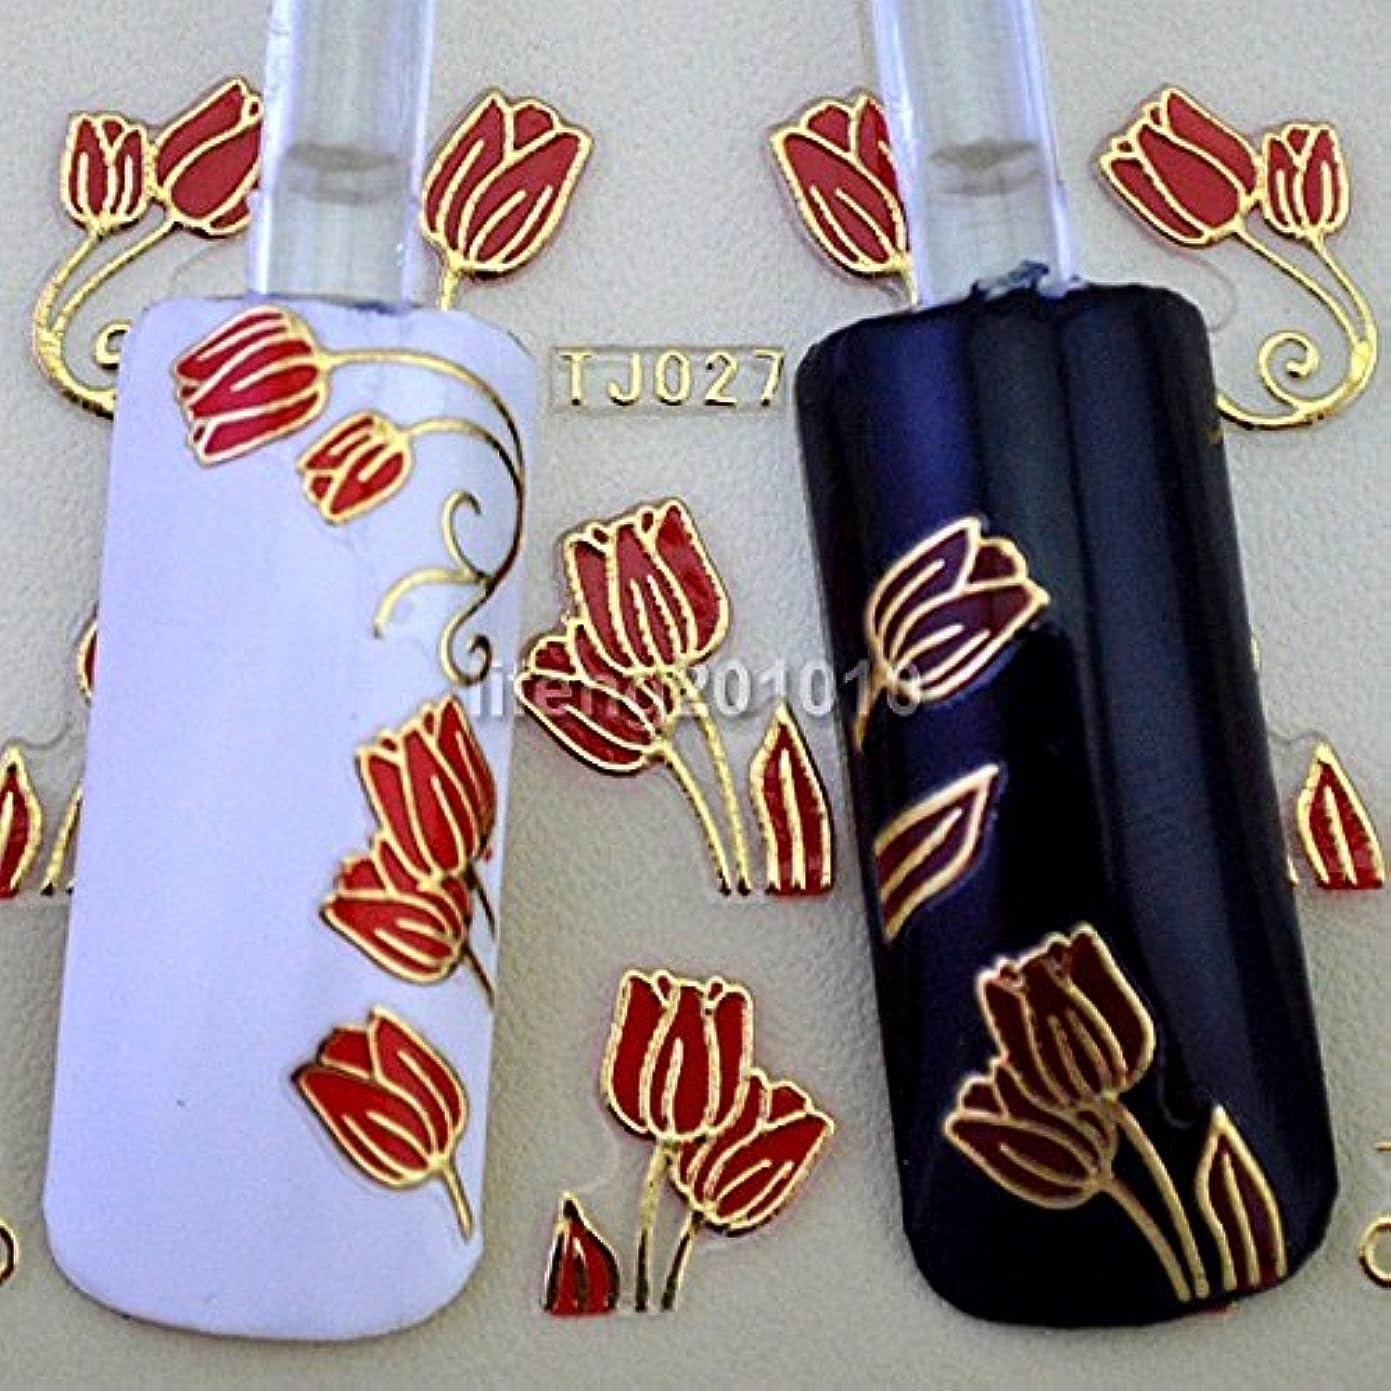 記事出くわすロンドンIthern(TM)6PCS赤いチューリップの花3Dネイルステッカーデカールネイルアートの装飾スタイリングツールホットスタンプゴールドデザインTJ027